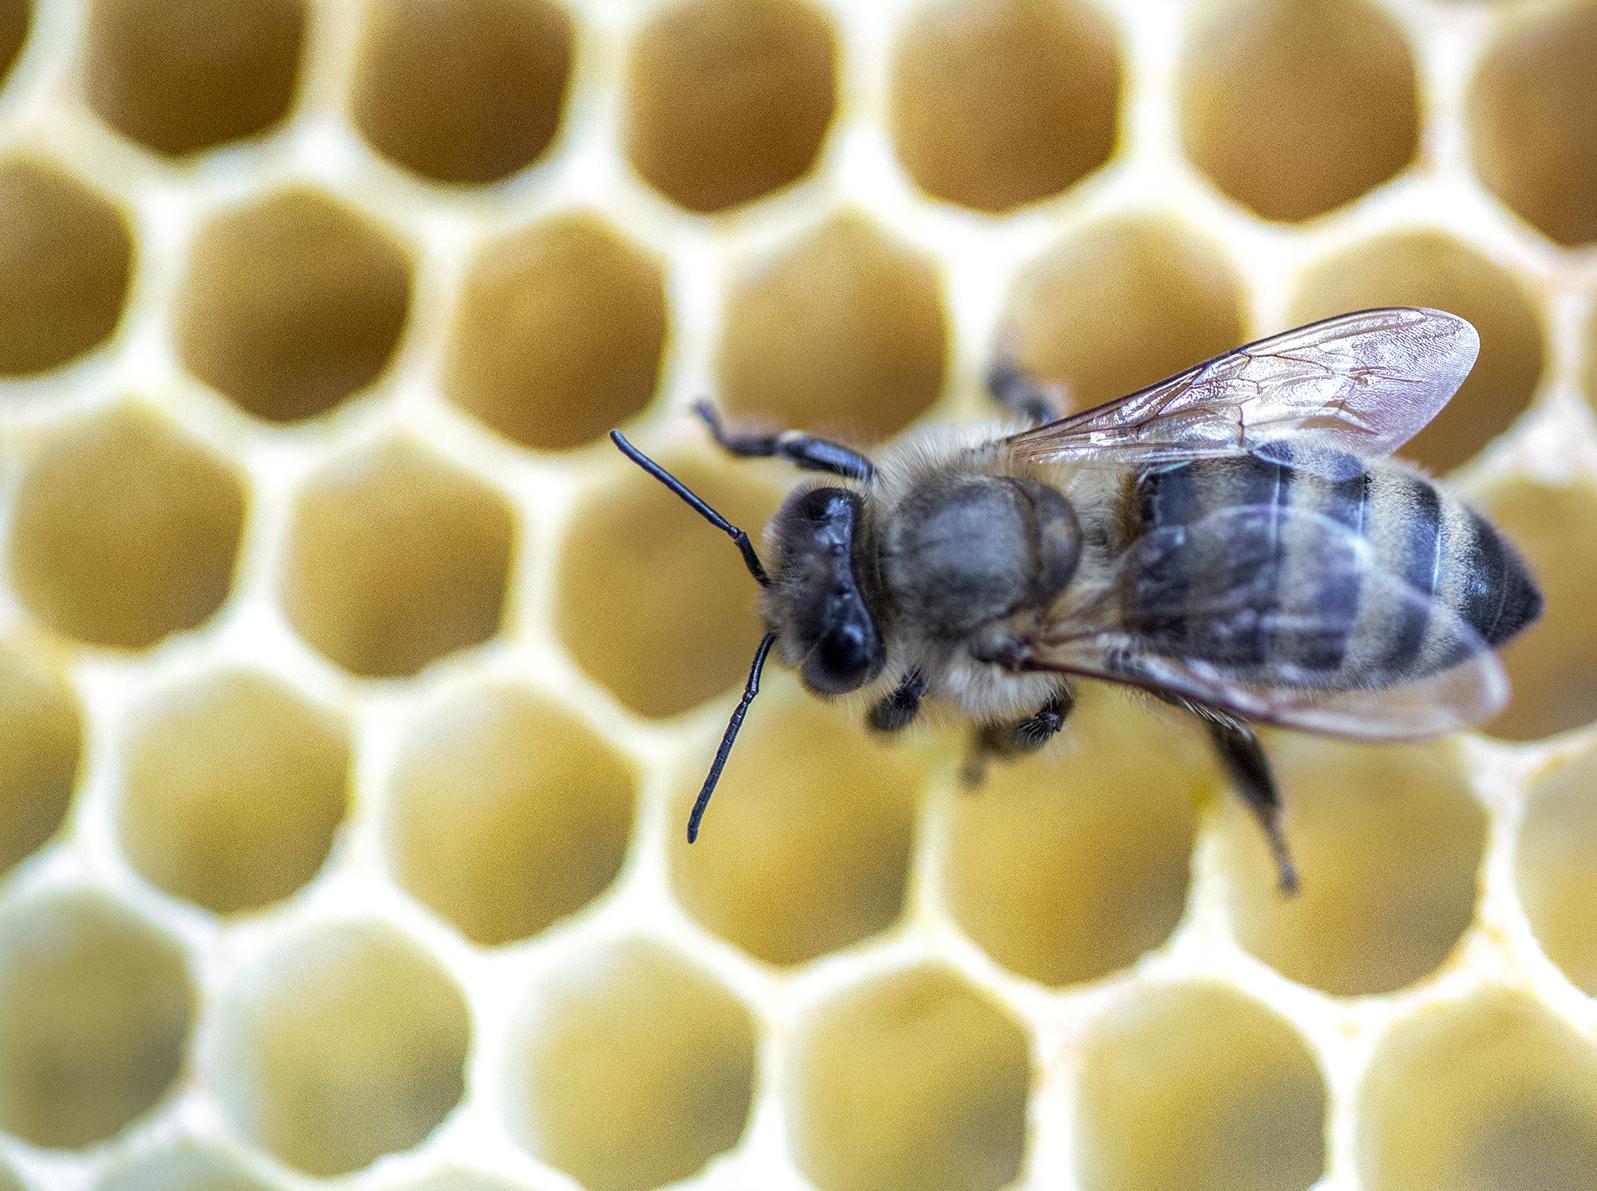 7_5_16 Bees at Hunny Hollow-1828.jpg